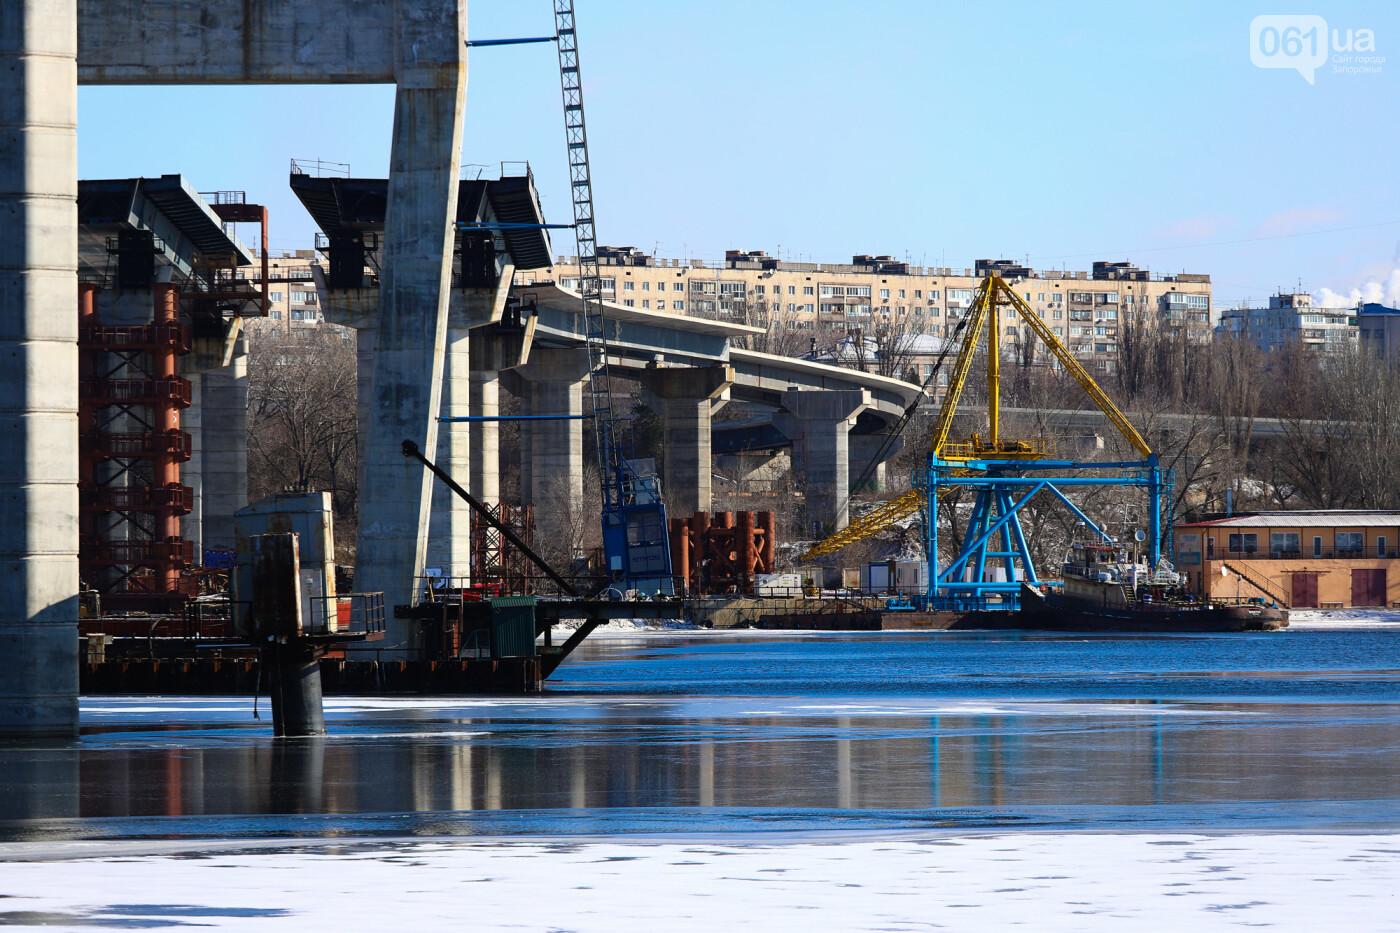 Кран с иностранной пропиской, ванты и металл: строительство запорожских мостов в фотографиях, фото-49